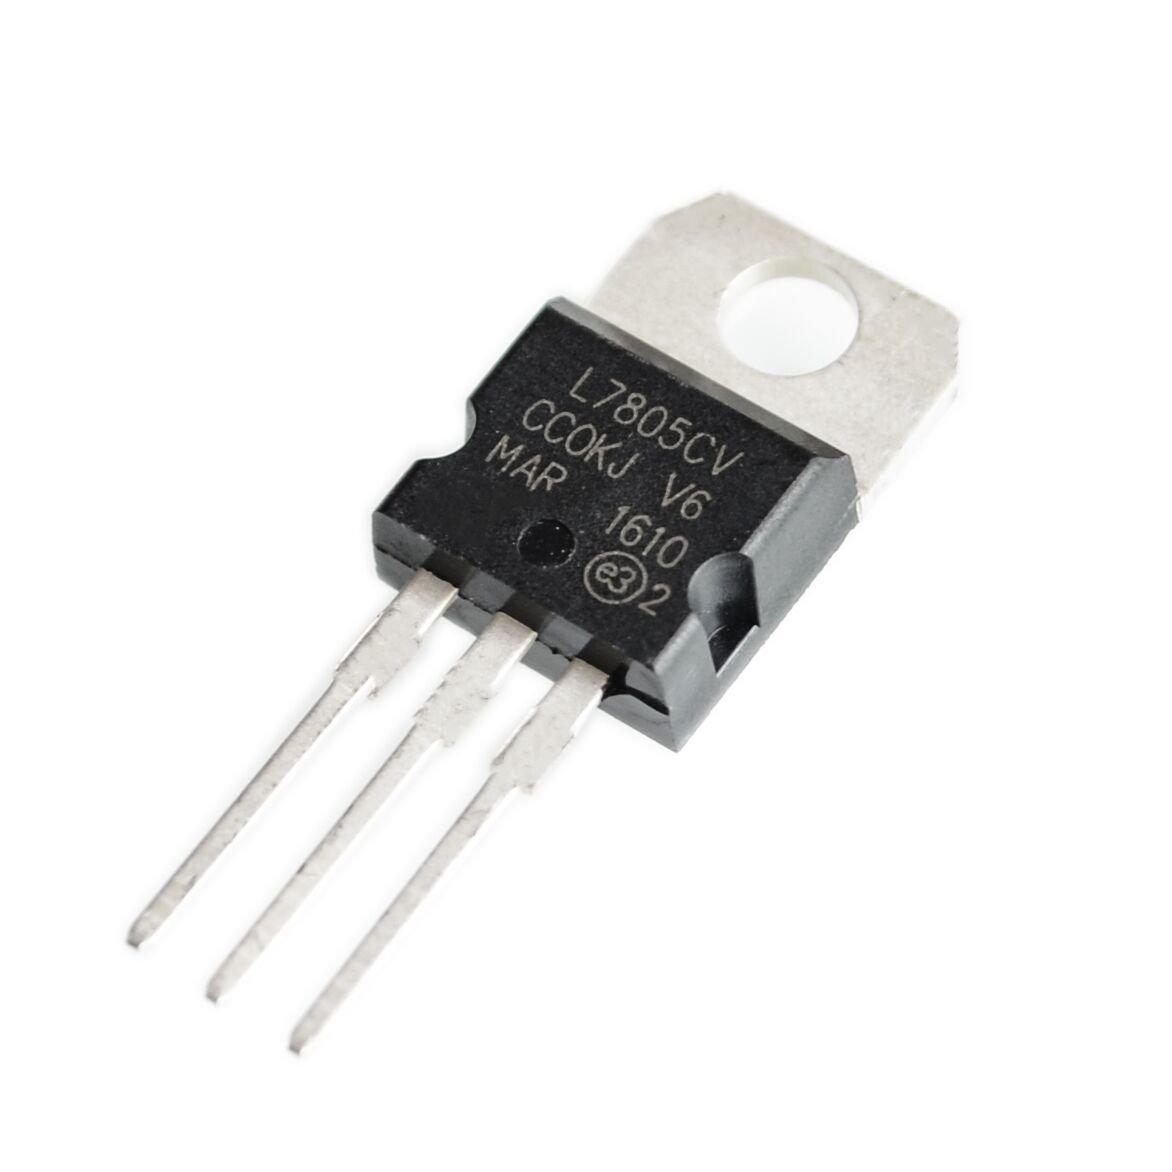 L7805 TO220 LOT DE 5 REGULATEURS 1,5A L7805CV LM7805 5V